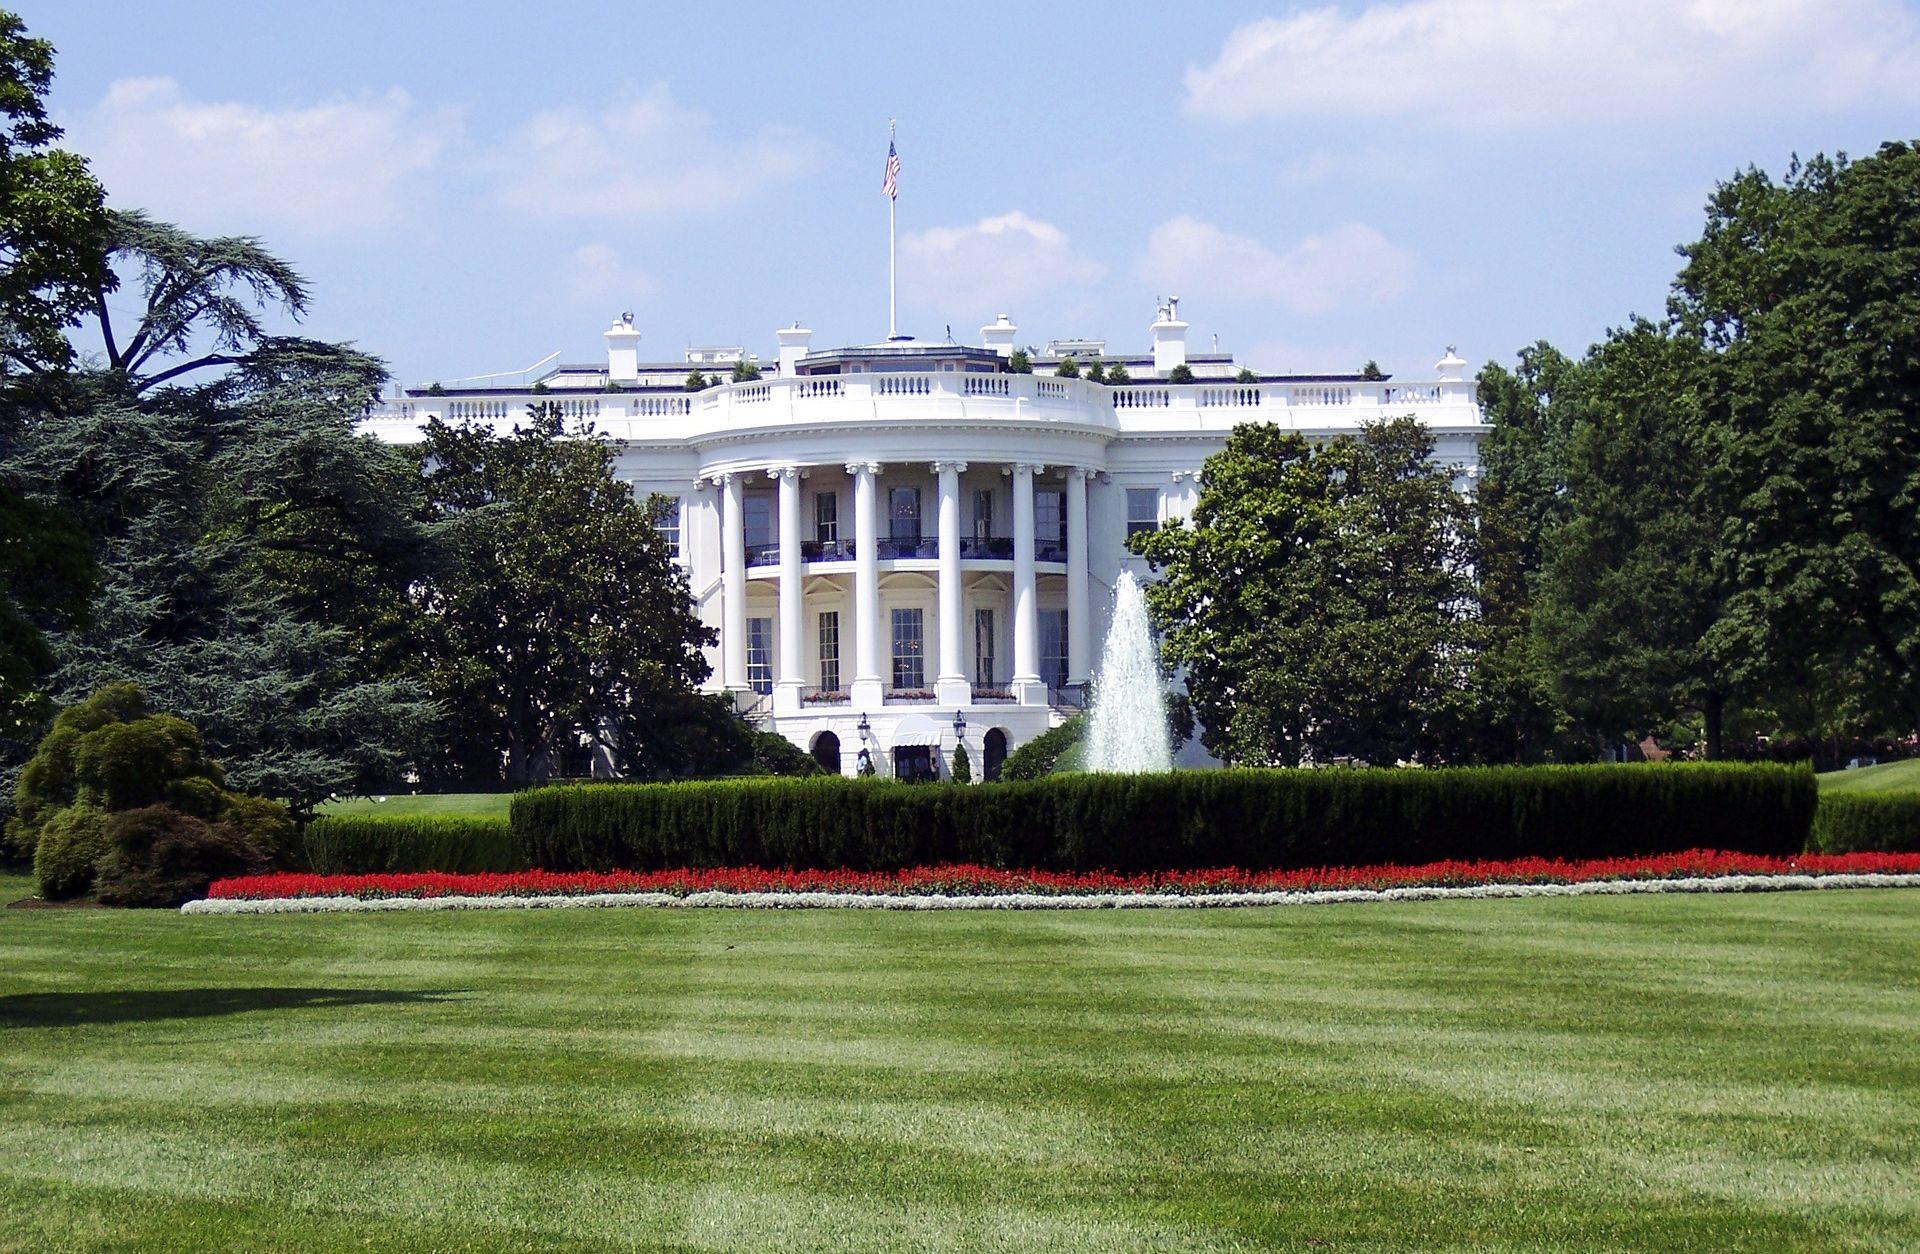 Muškarac potpuno neopaženo ušao na posjed Bijele kuće